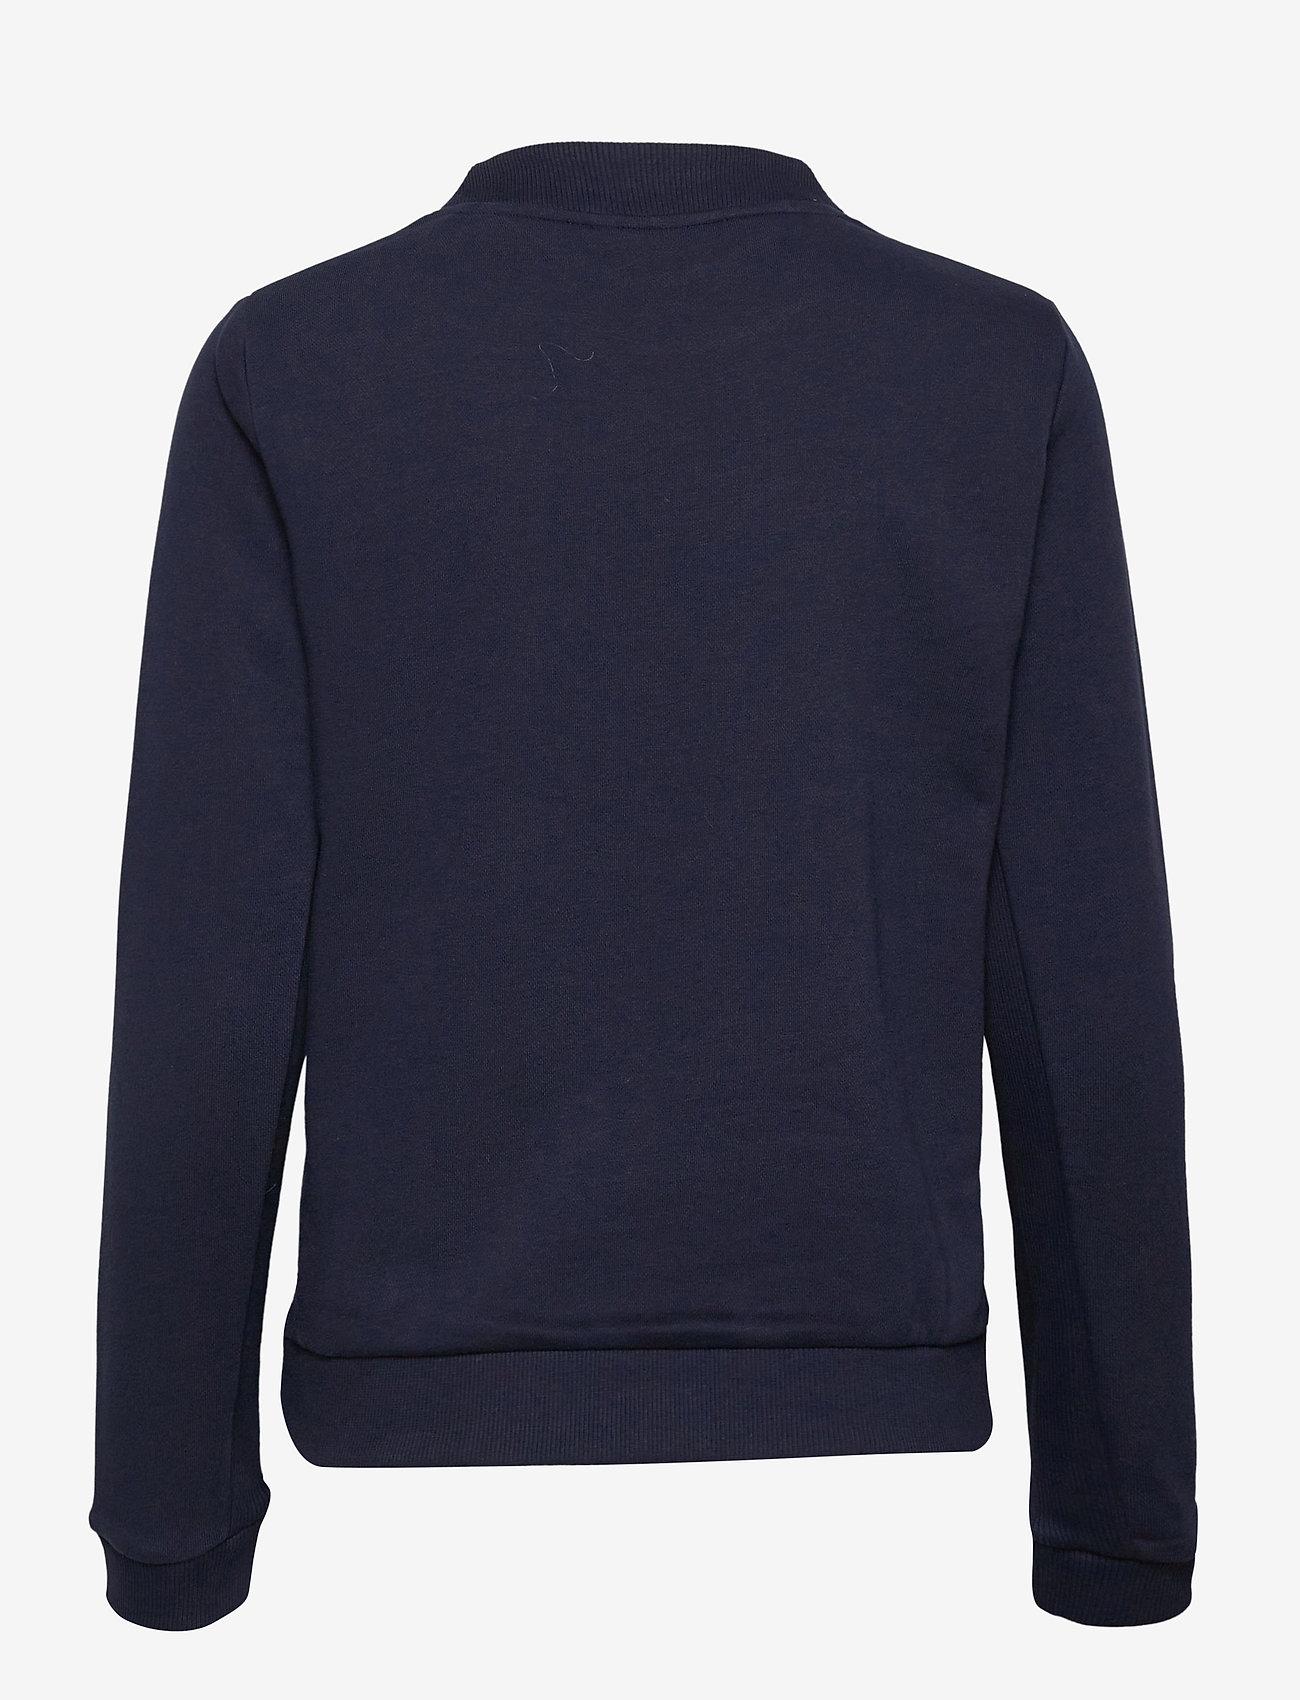 Lacoste - Women s sweatshirt - sweatshirts - navy blue - 1